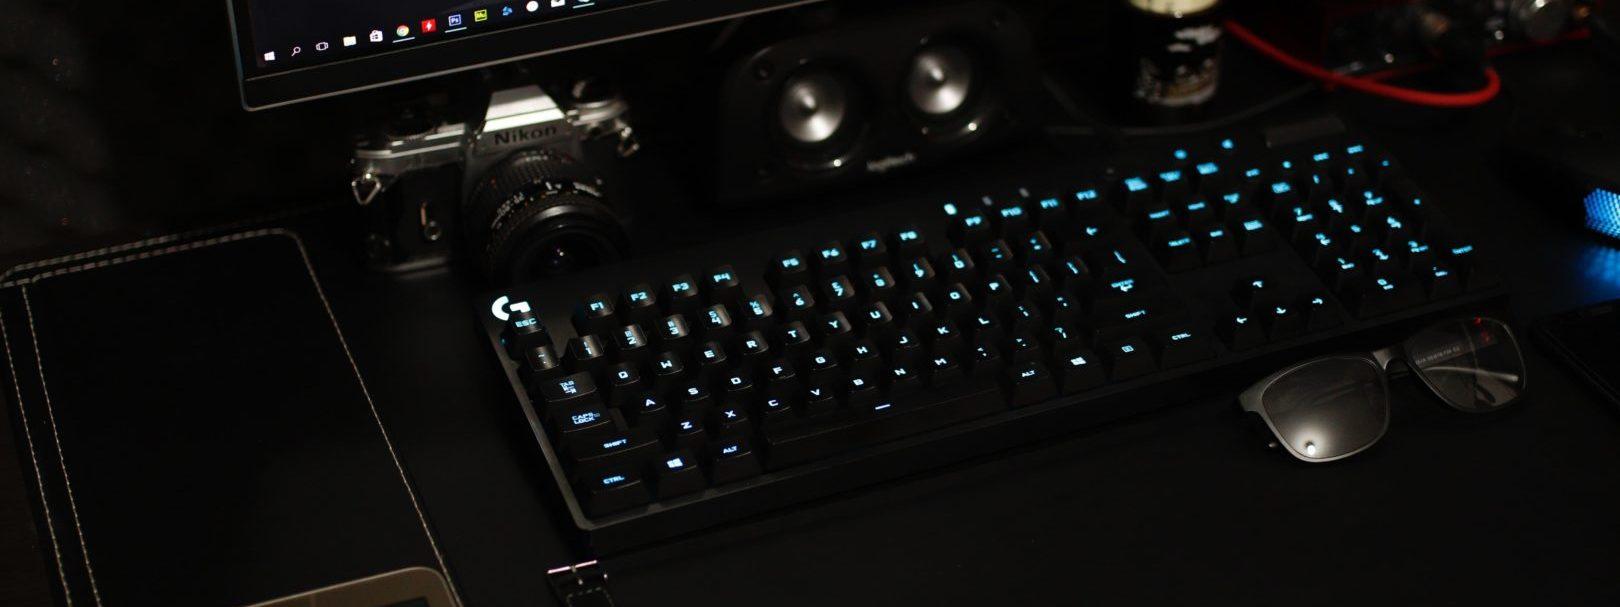 ゲーミングキーボードを使うなら!オススメの2選を紹介の見出し画像